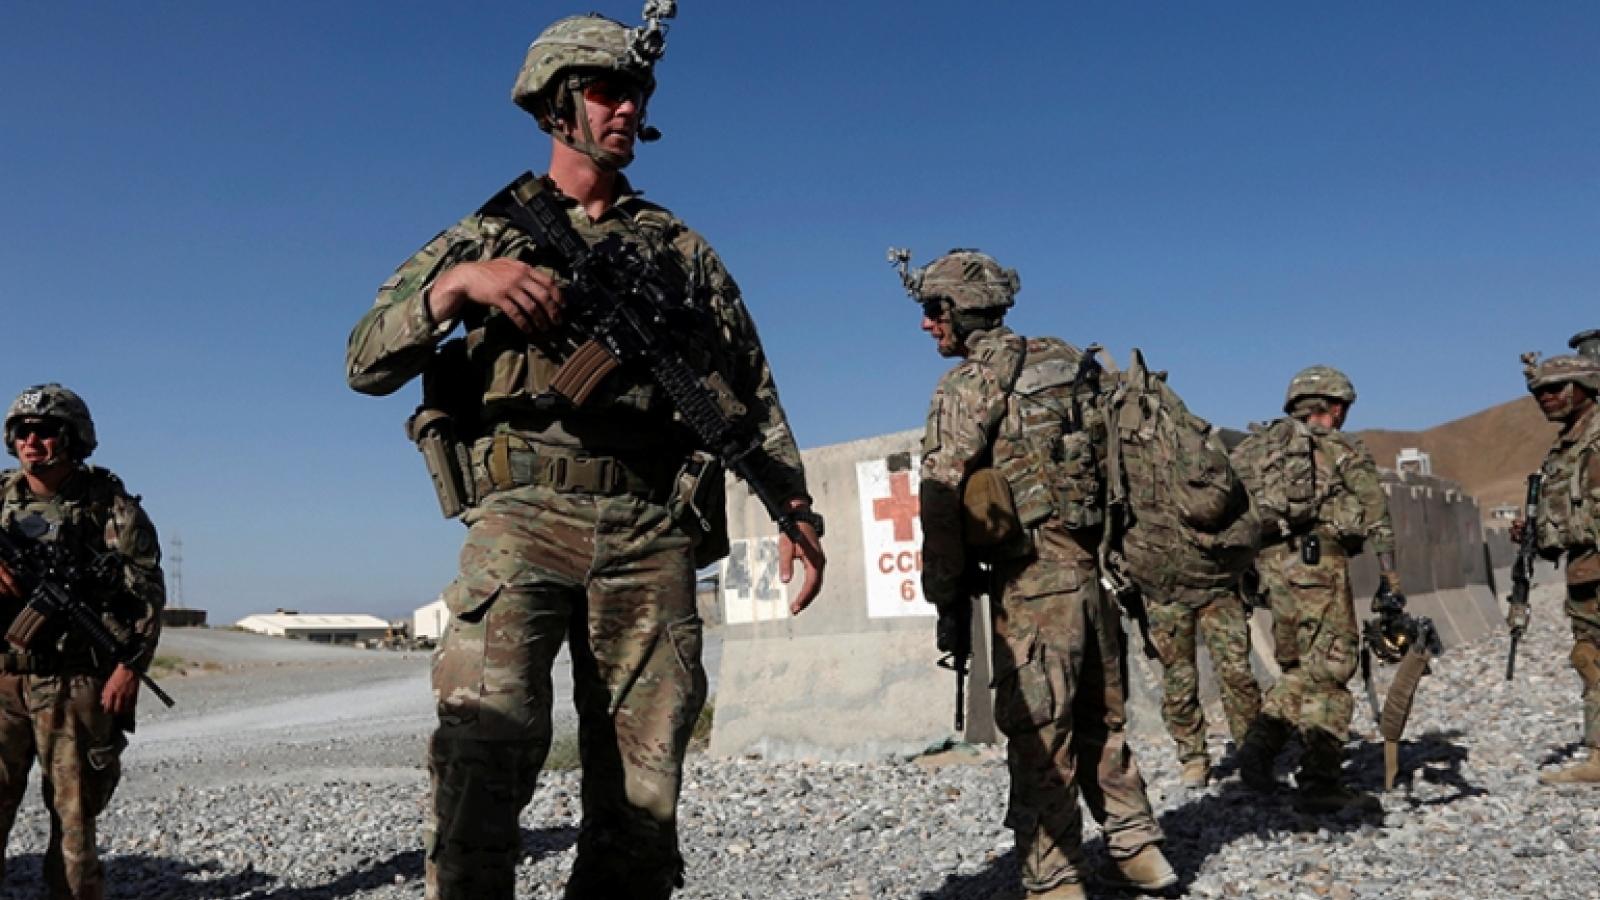 Các nhóm cực đoan ở Afghanistan có thể trỗi dậy sau khi Mỹ rút quân